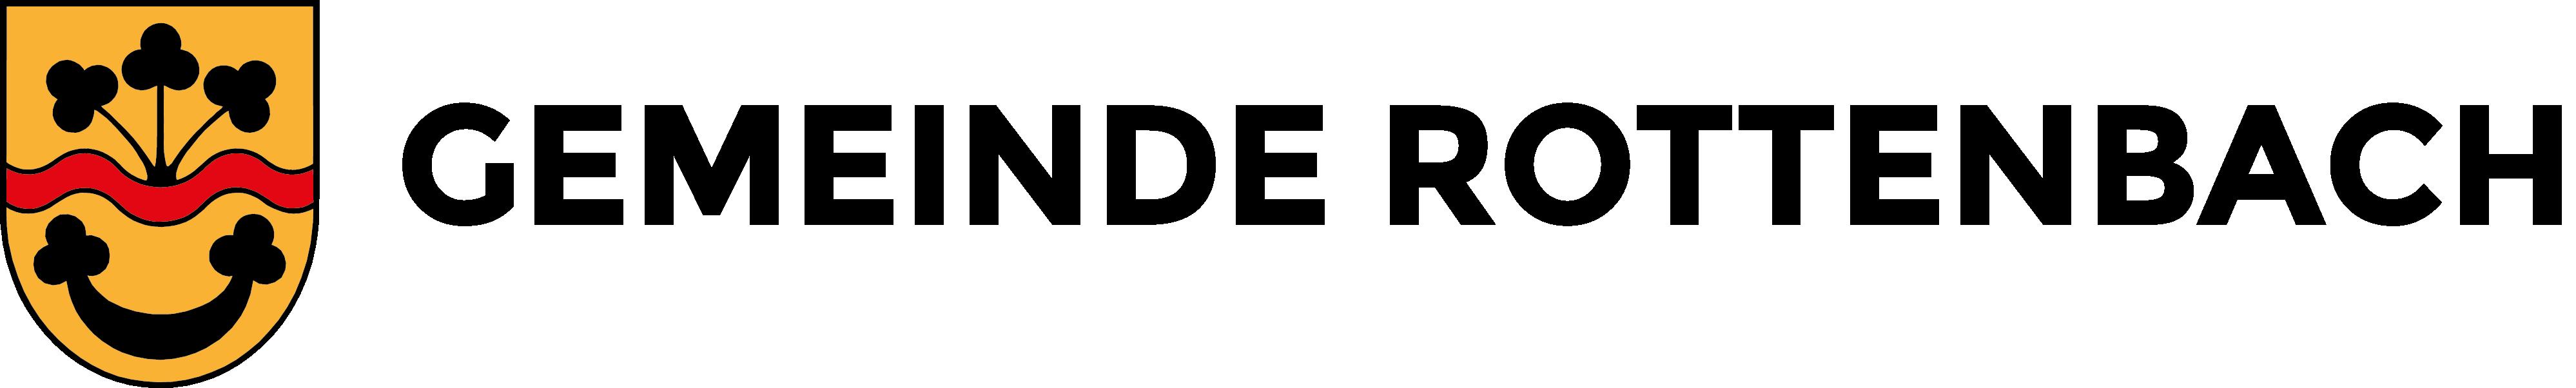 GEMEINDE ROTTENBACH